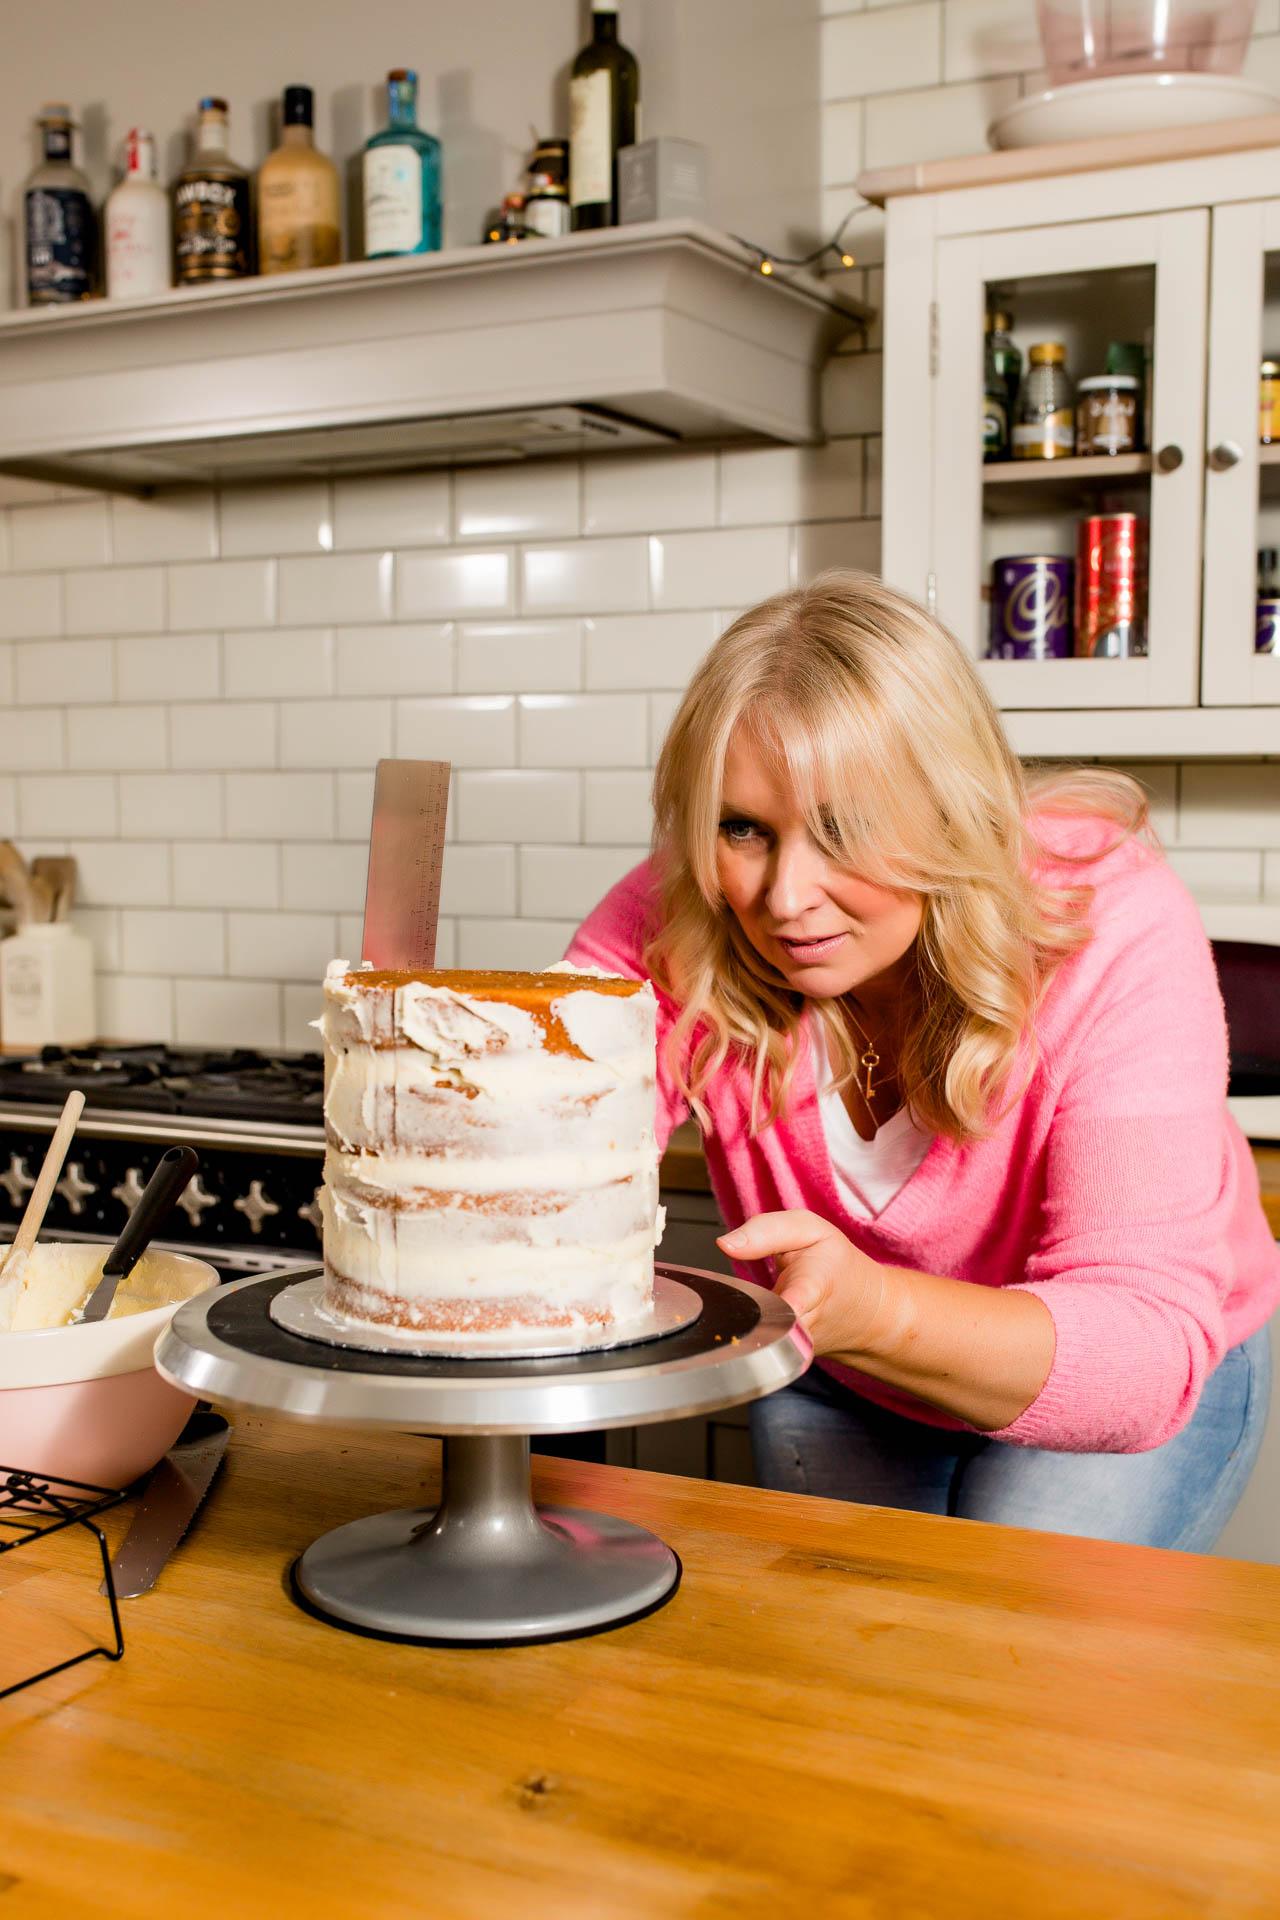 female entrepreneur baker decorating a cake